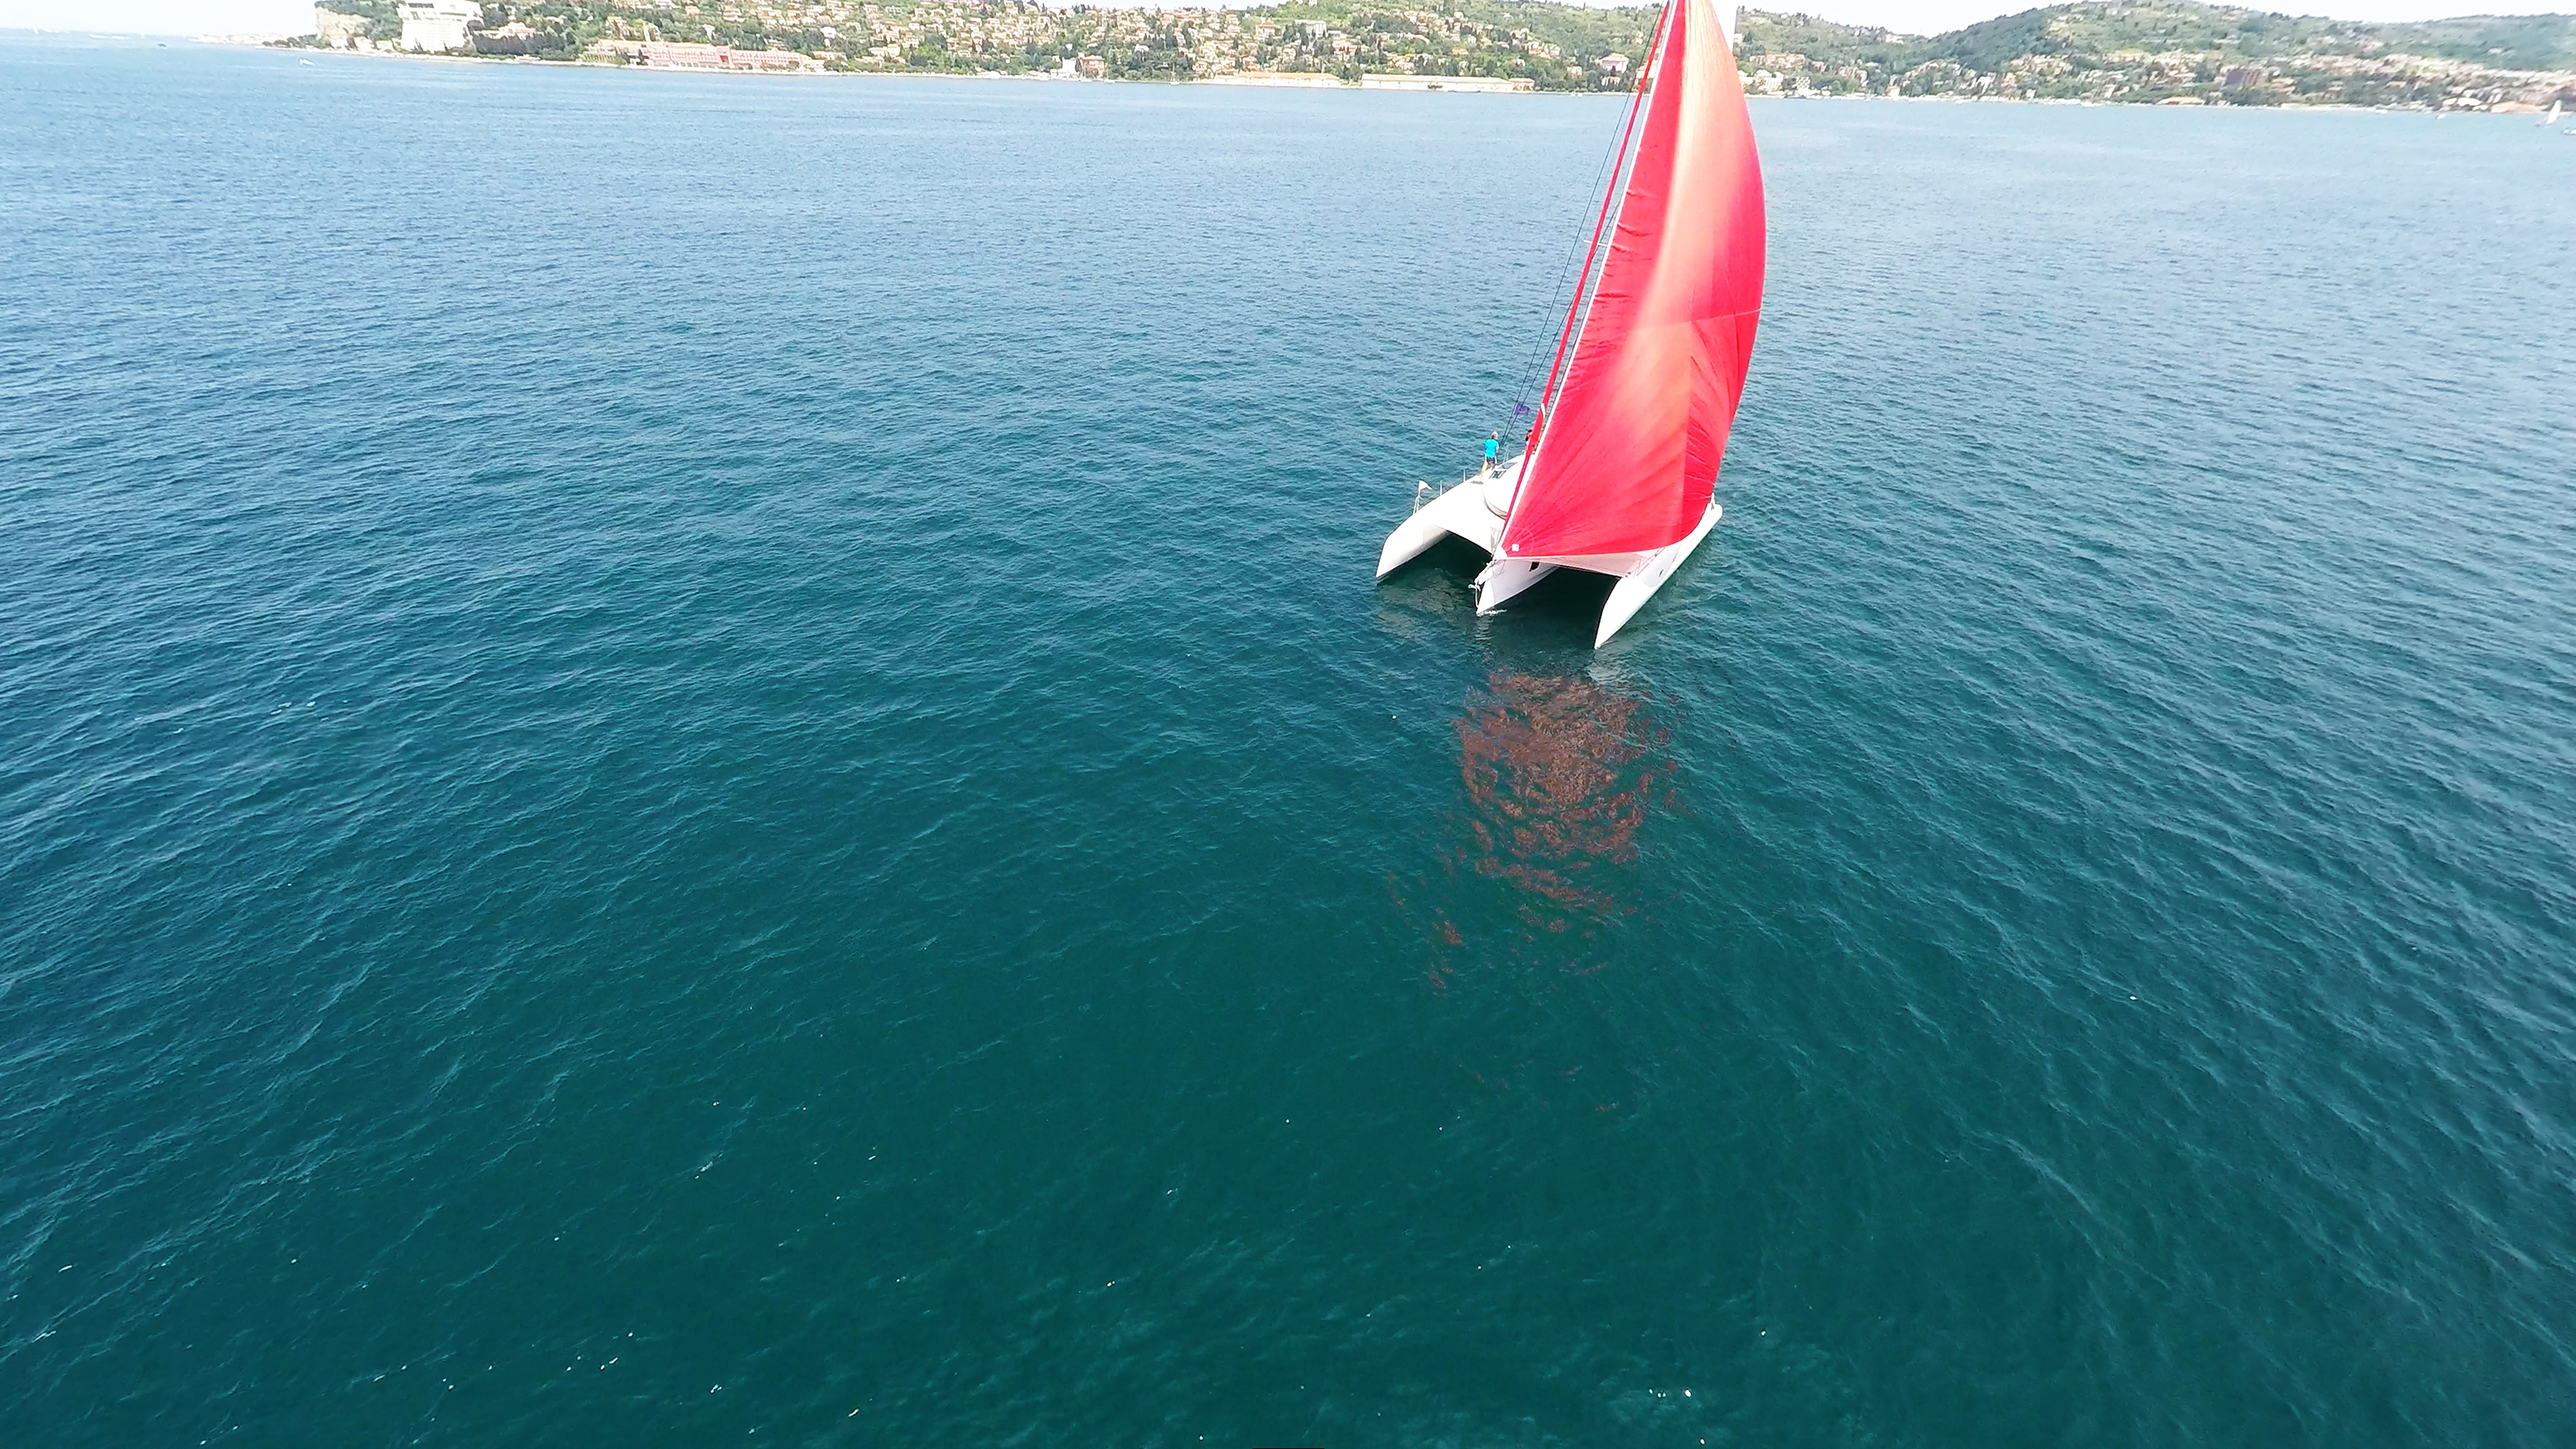 rosso gennaker turchese equipaggio bianco trimarano yacht blu mare